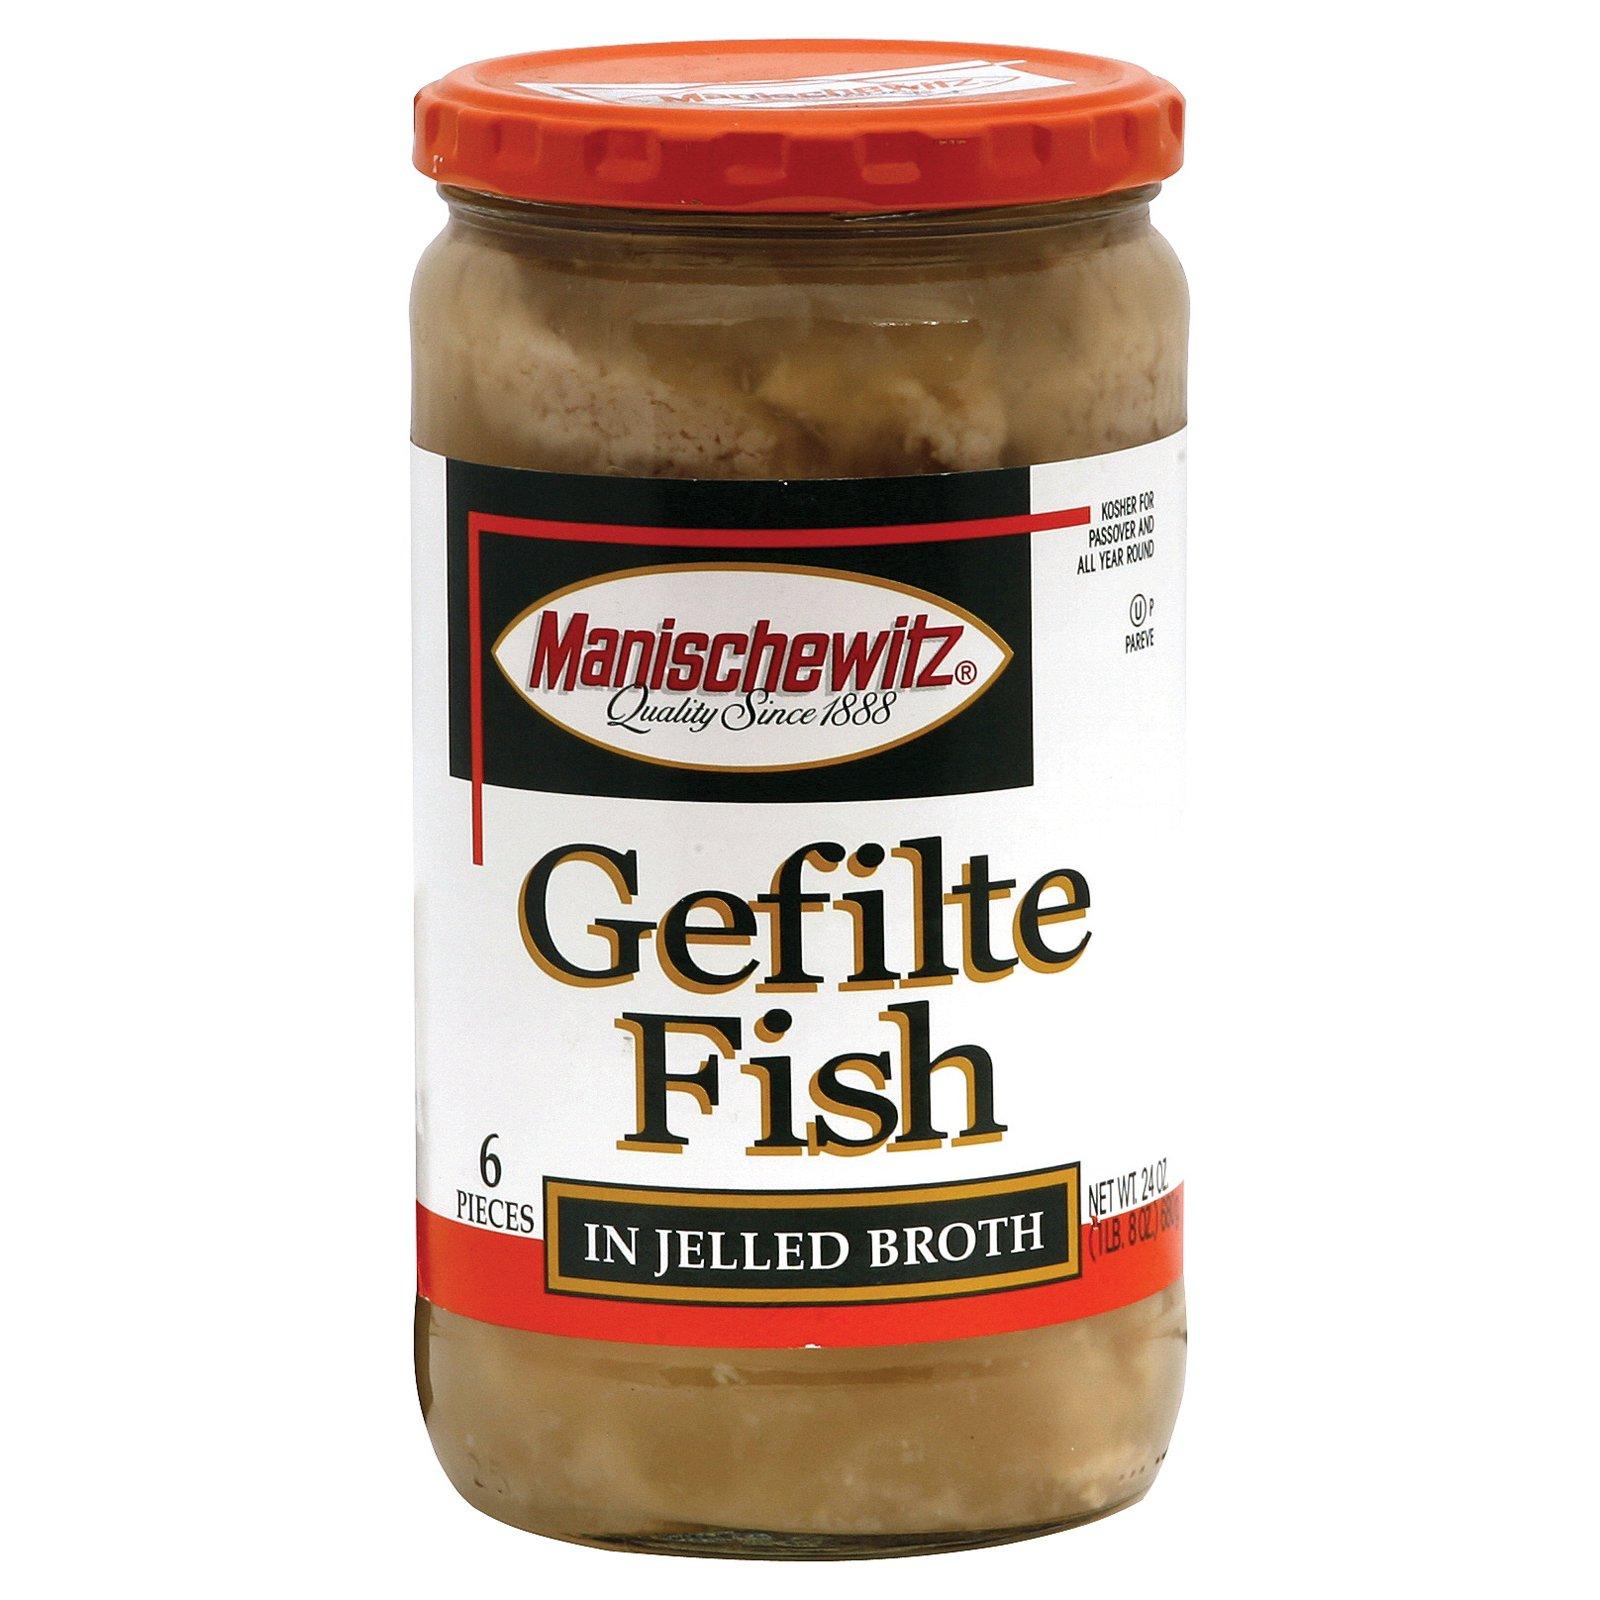 Manischewitz Gelfite Fish in Jelled Broth - Case of 12 - 24 oz. by Manischewitz